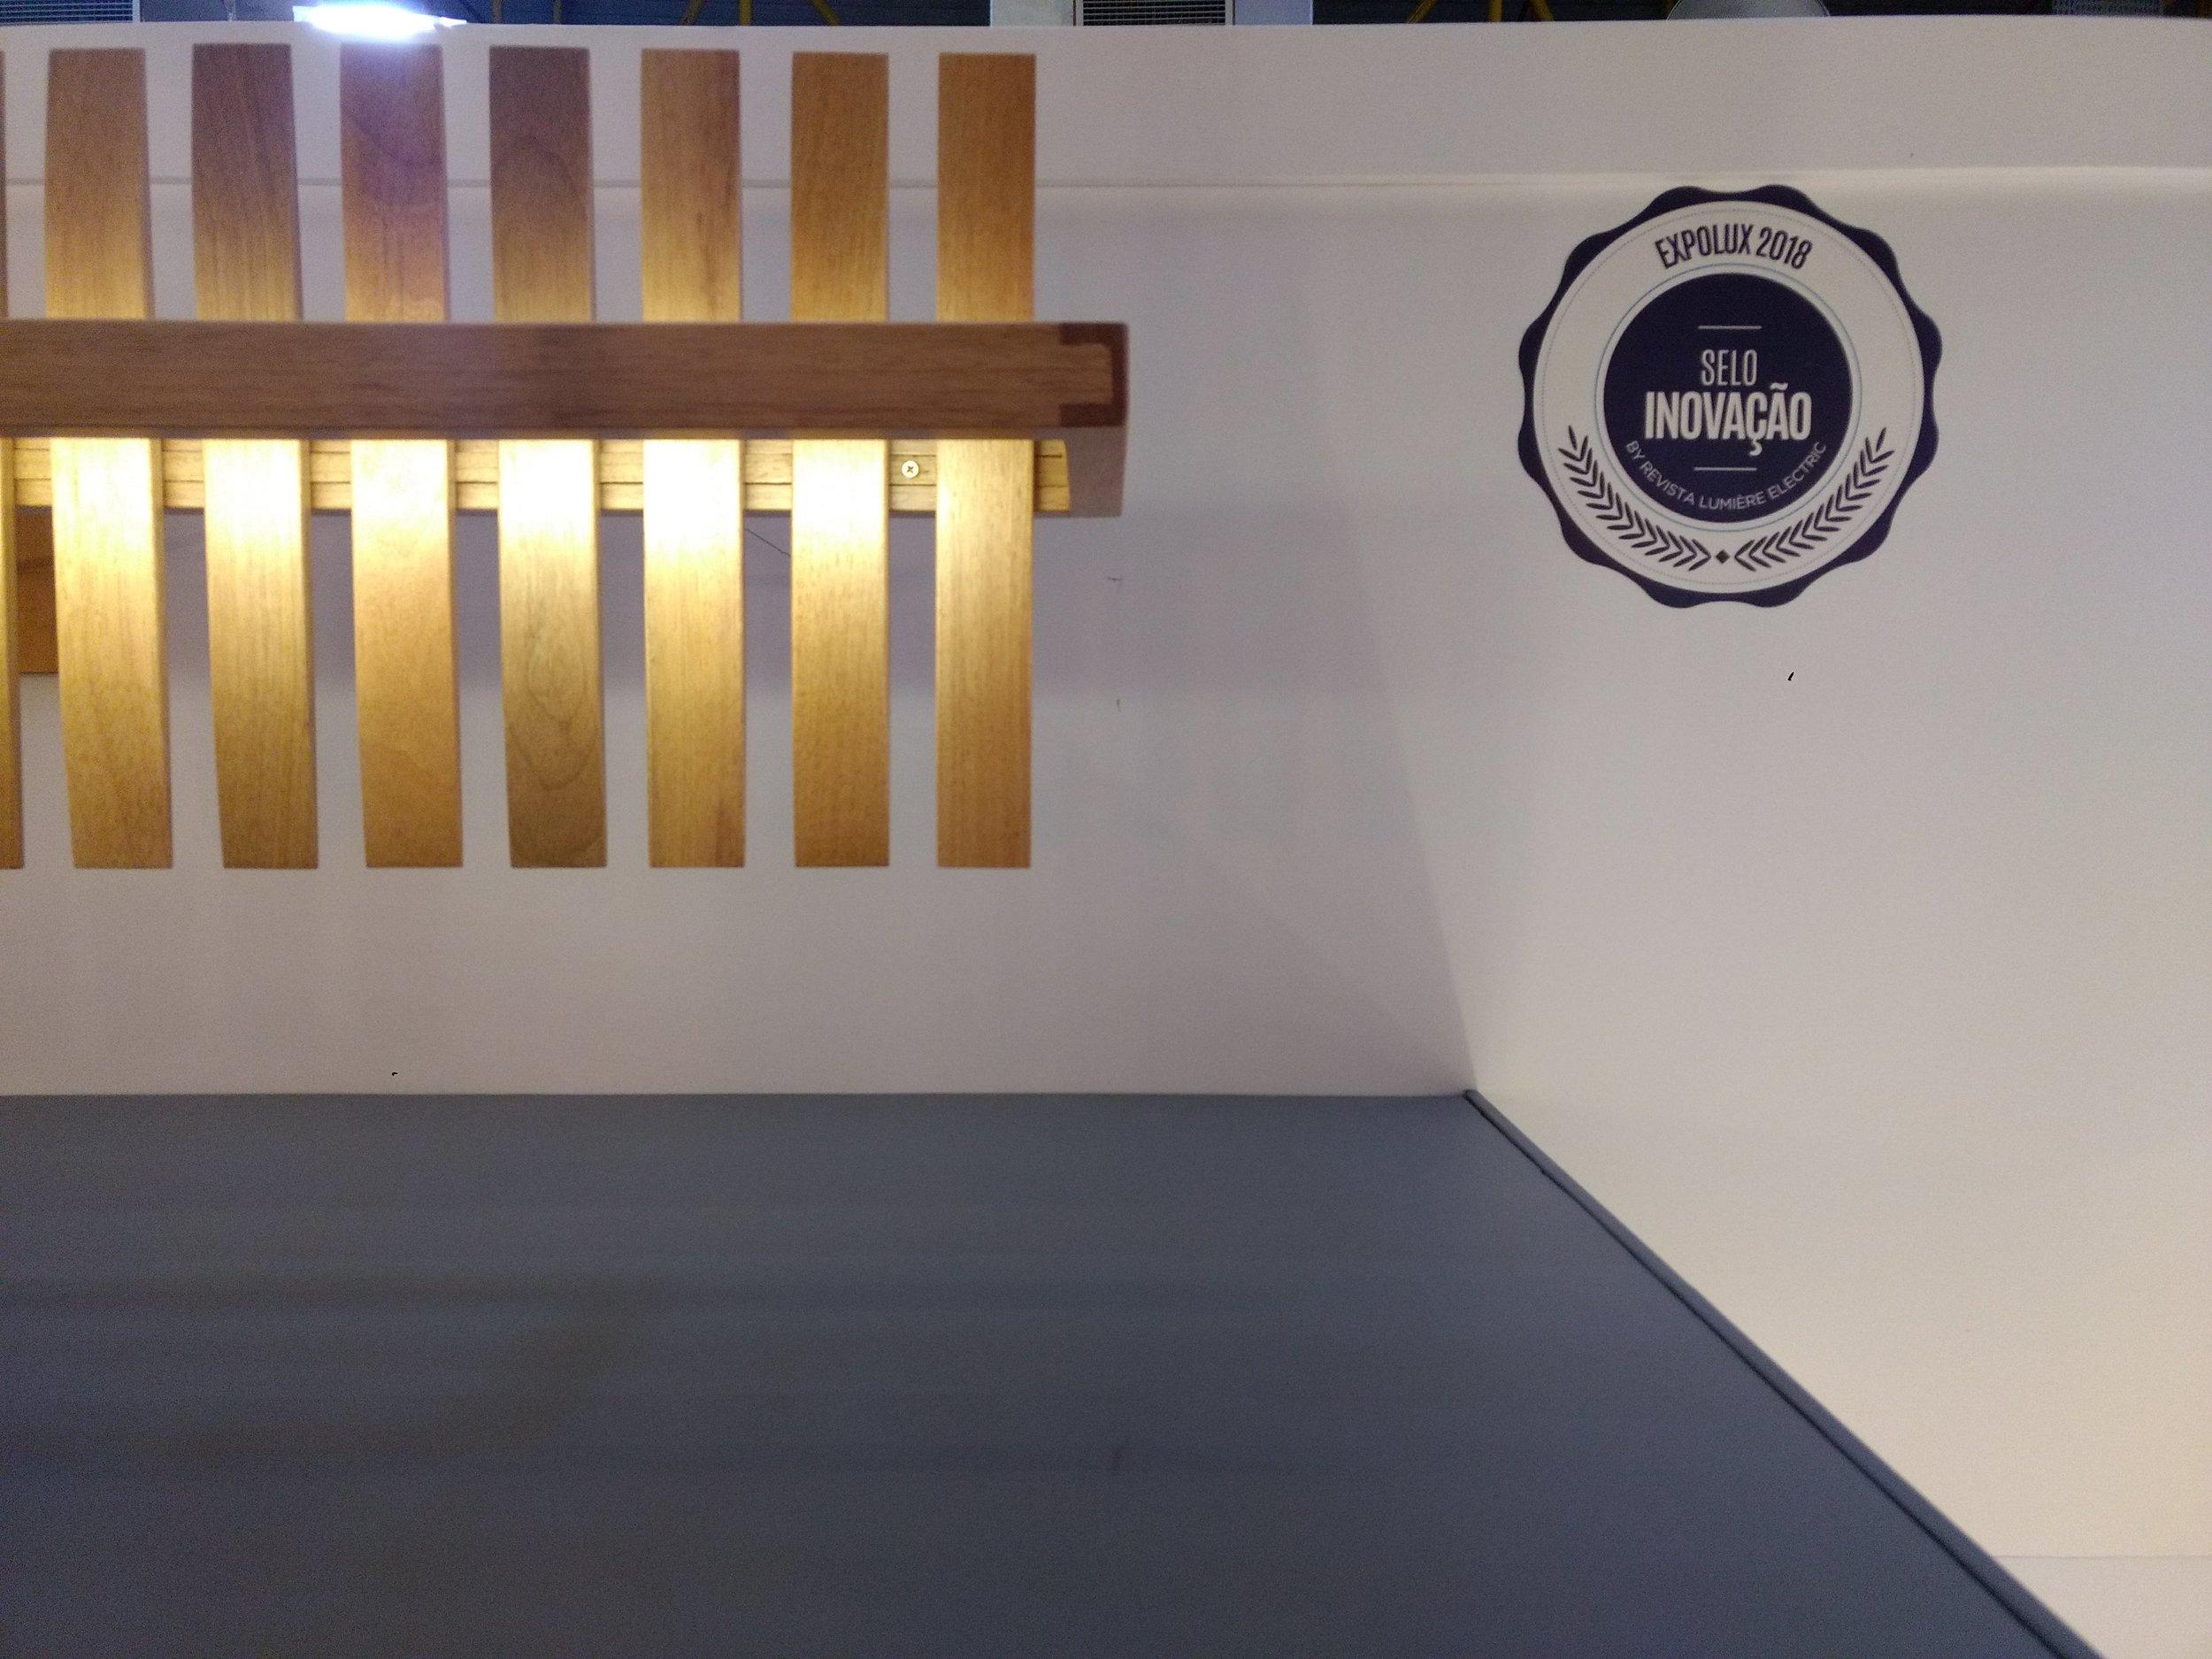 Luminária Ripa pendente recebeu o Selo Inovação Expolux 2018